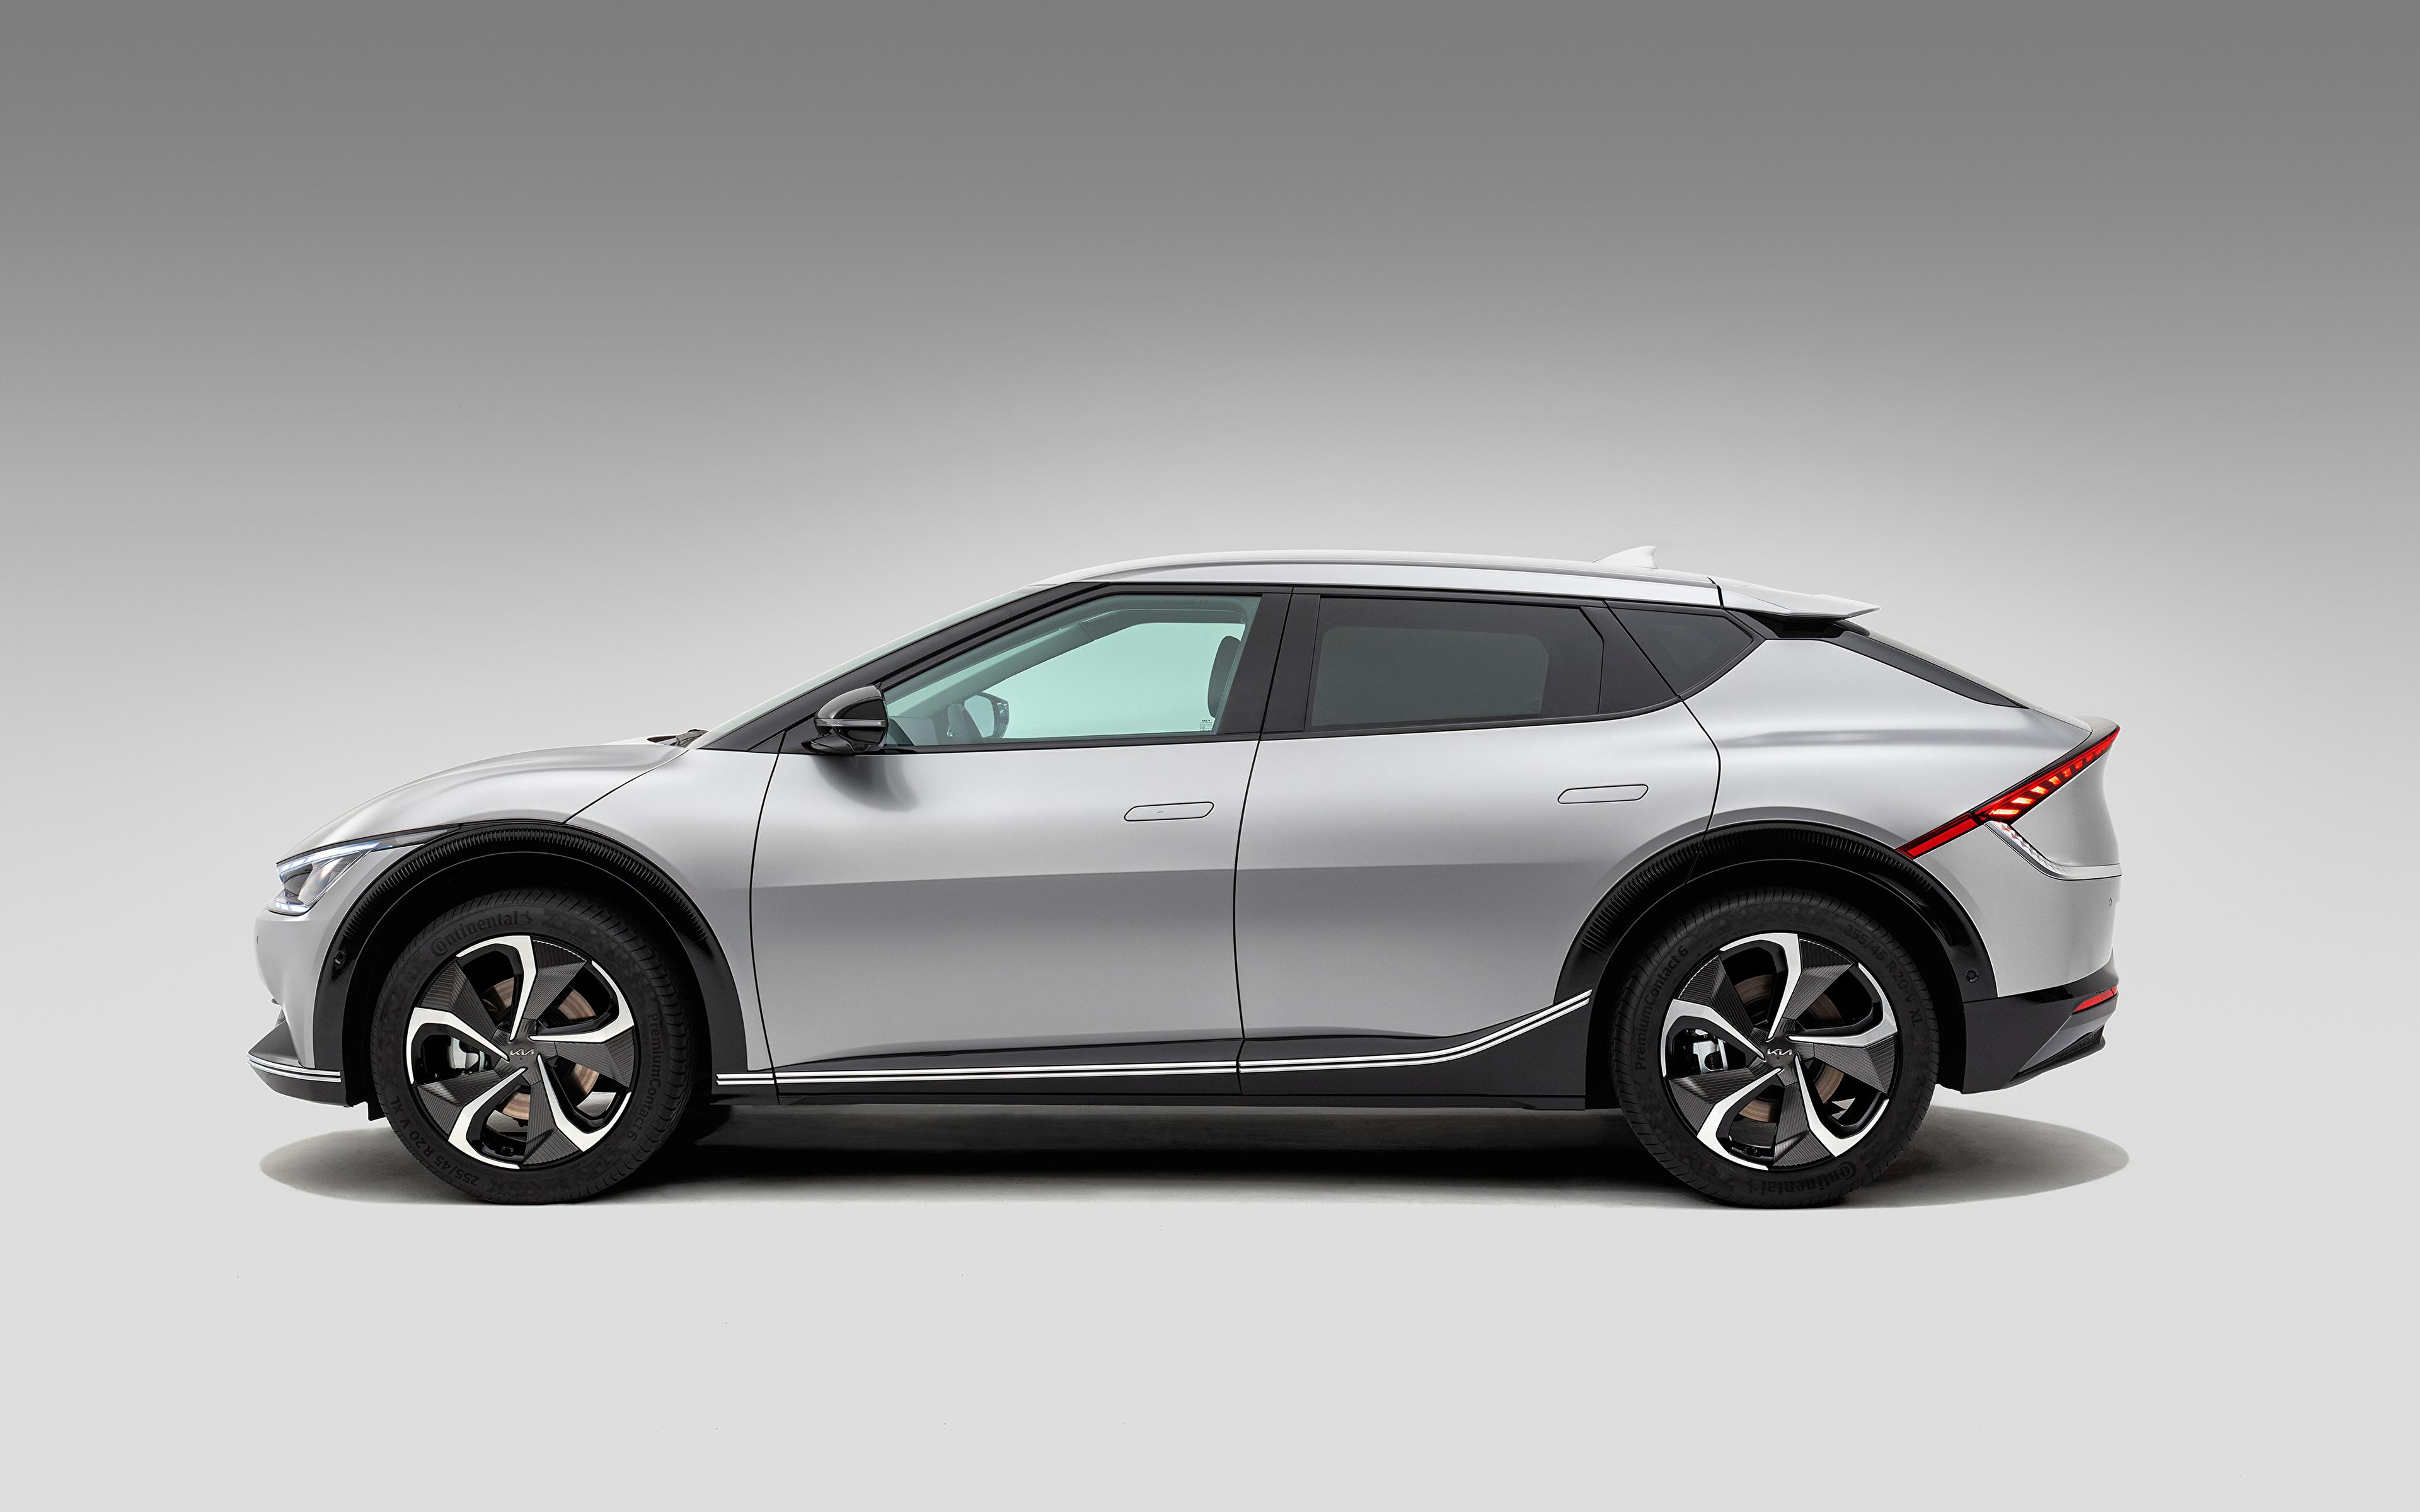 3840x2400 KIA EV6, (Worldwide), 2021 Gris Métallique Latéralement voiture, automobile, grise Voitures